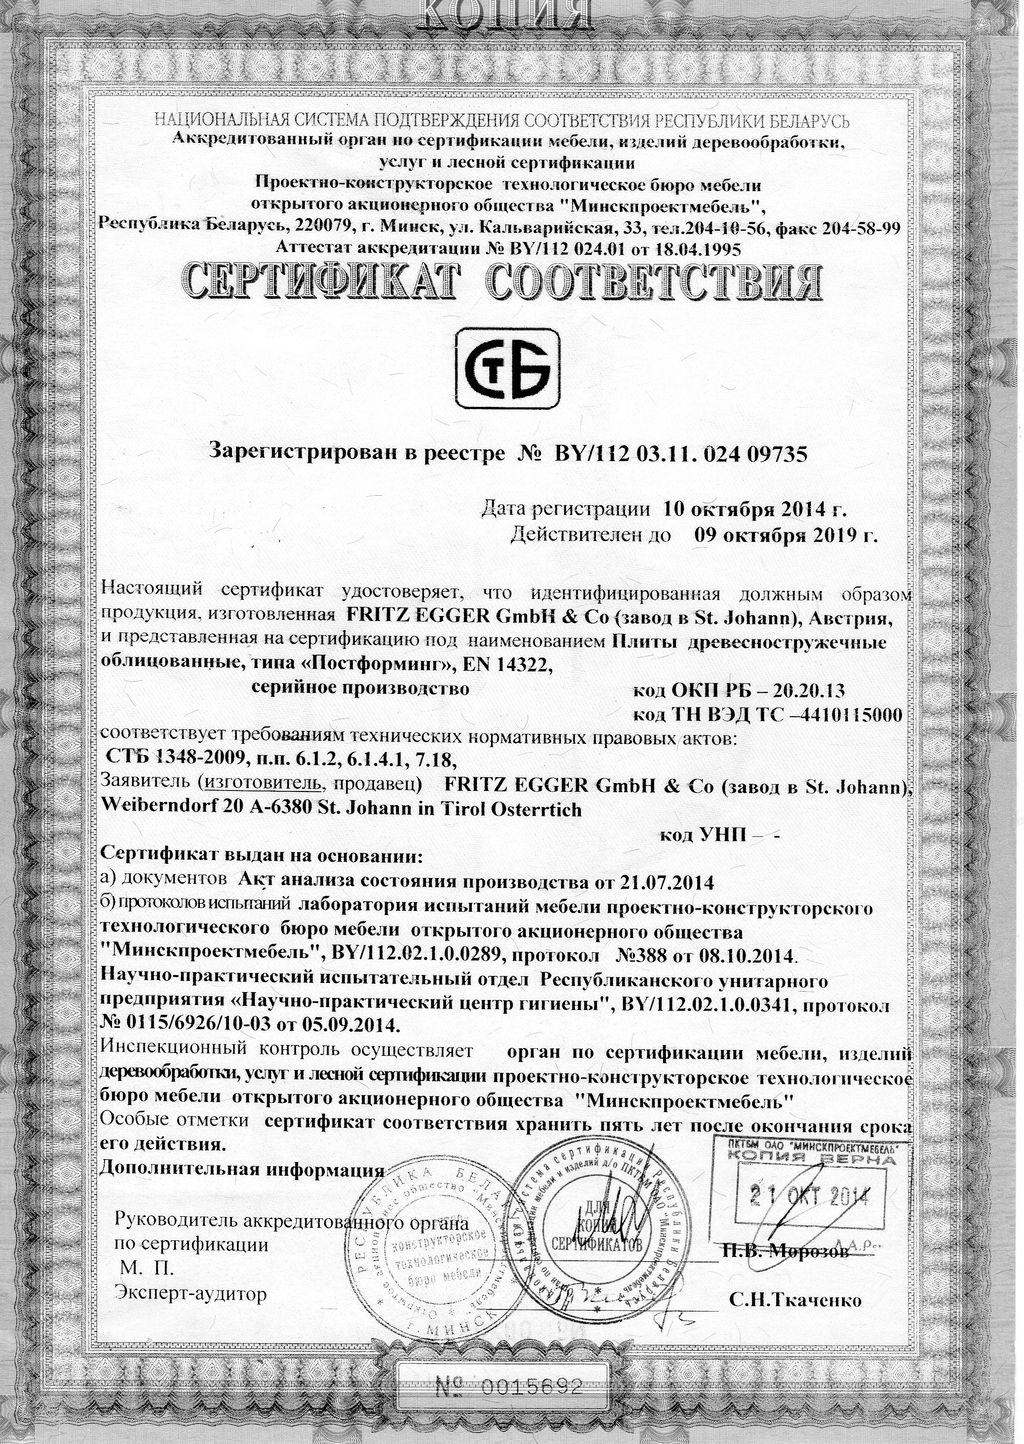 сертификат соответствия постформинг